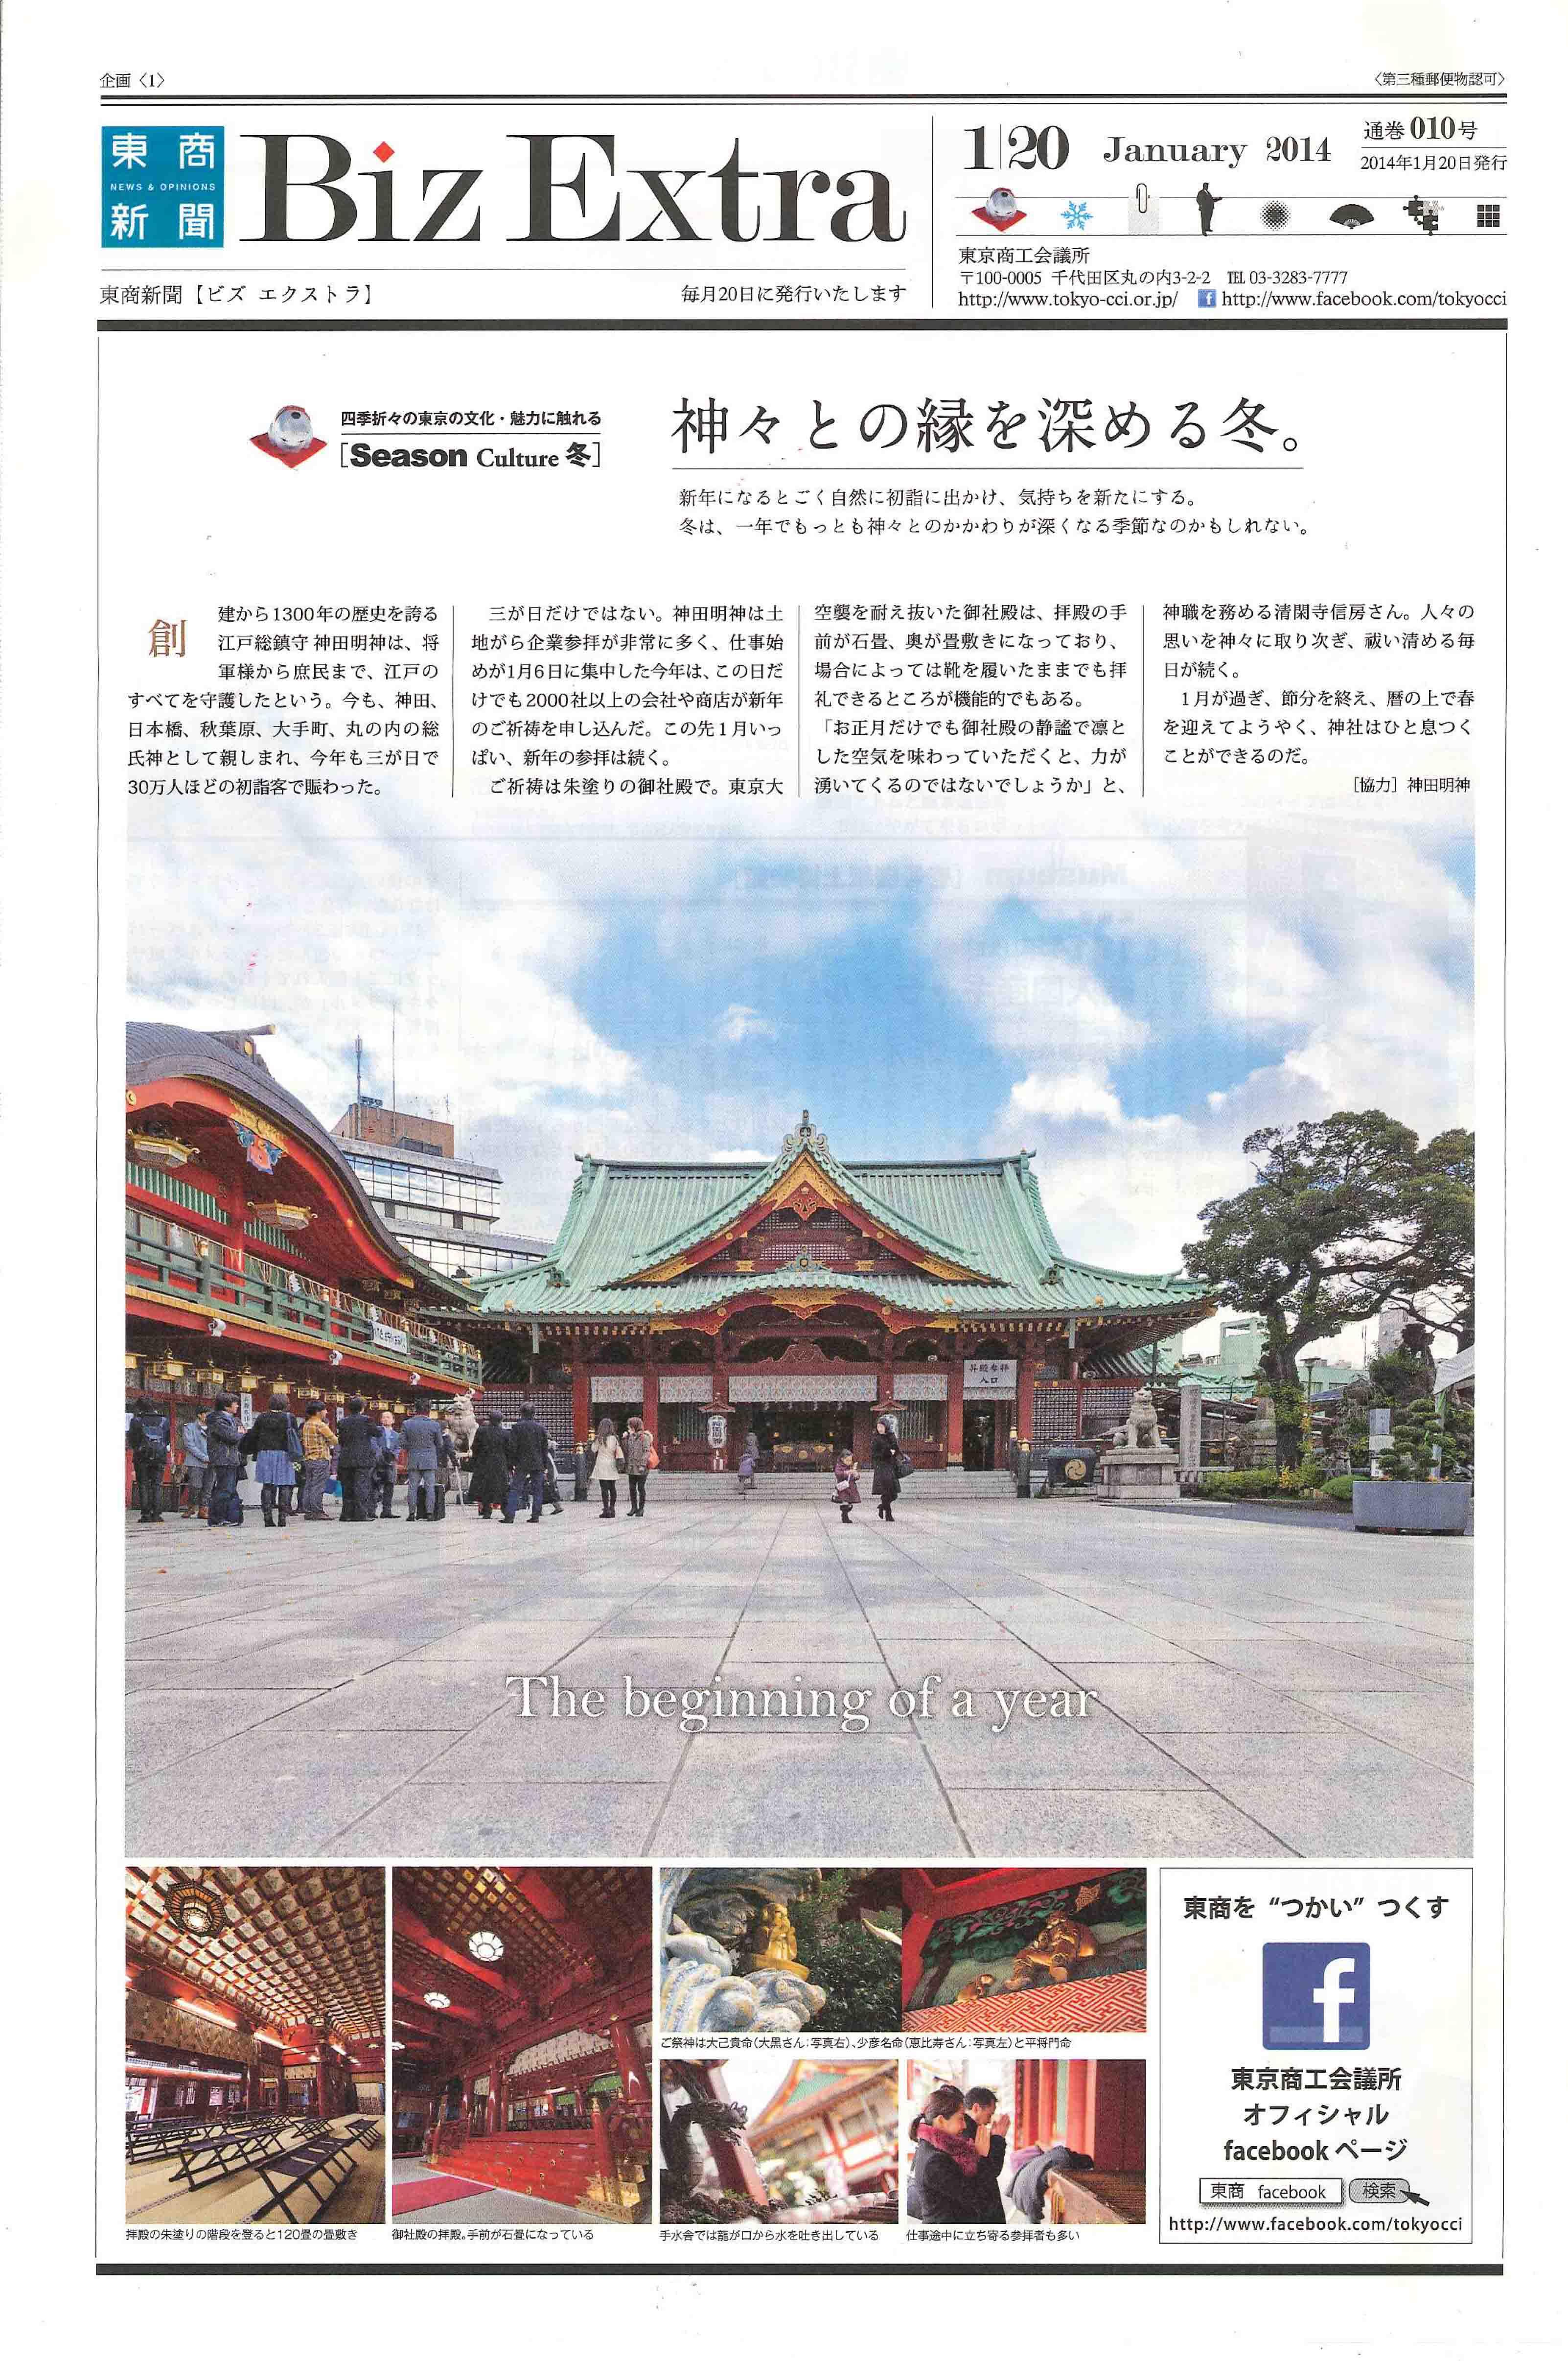 「東商新聞 Biz Extra」 January 2014 通巻010号